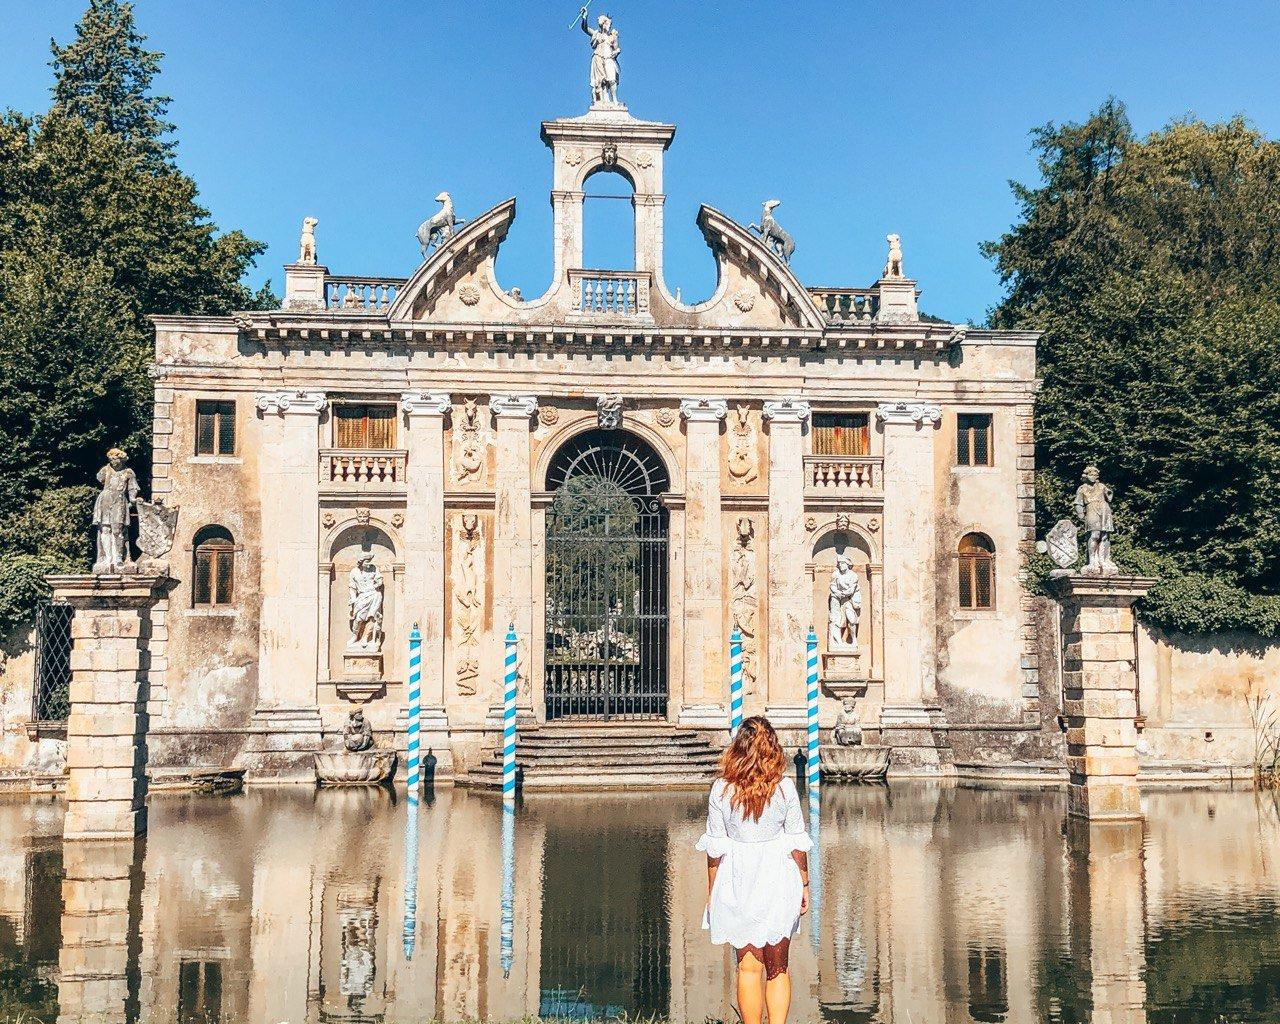 Il giardino monumentale di Valsanzibio, la perla dei colli Euganei - PanAnna blog di viaggi